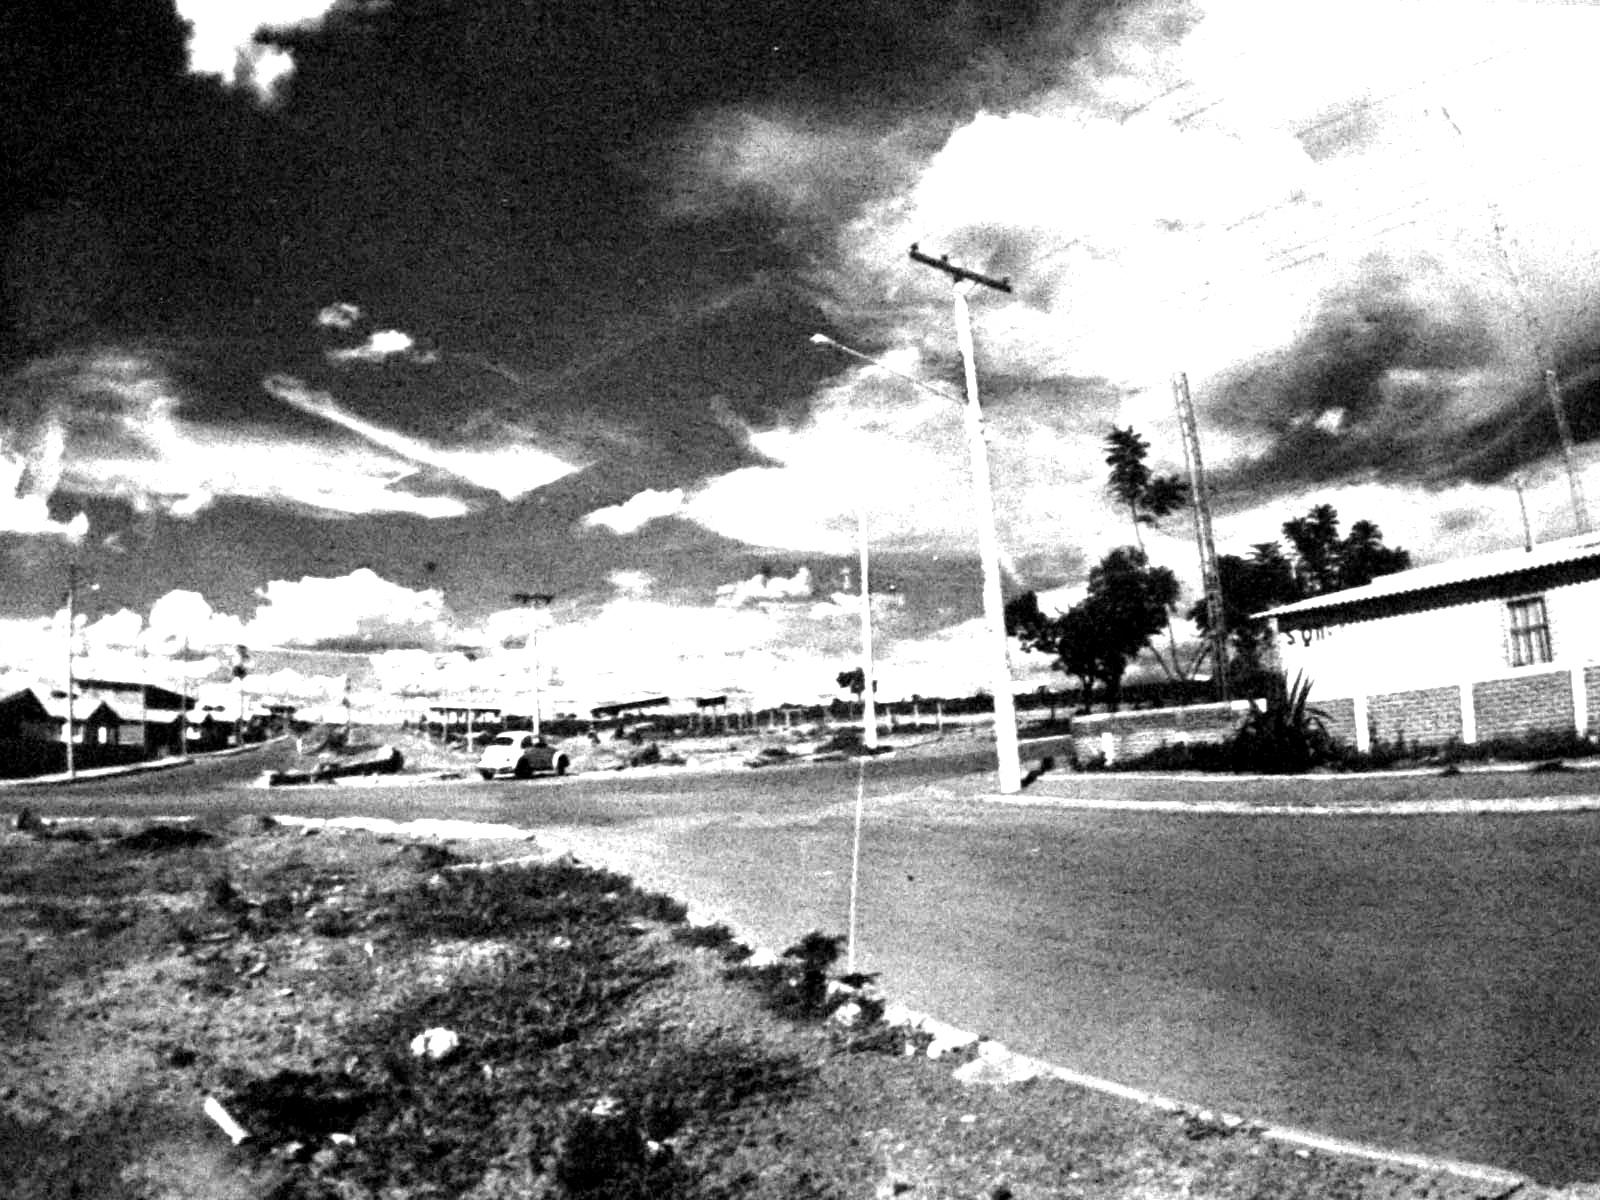 SQ 11 em 1977, com vista para a SQ 13.